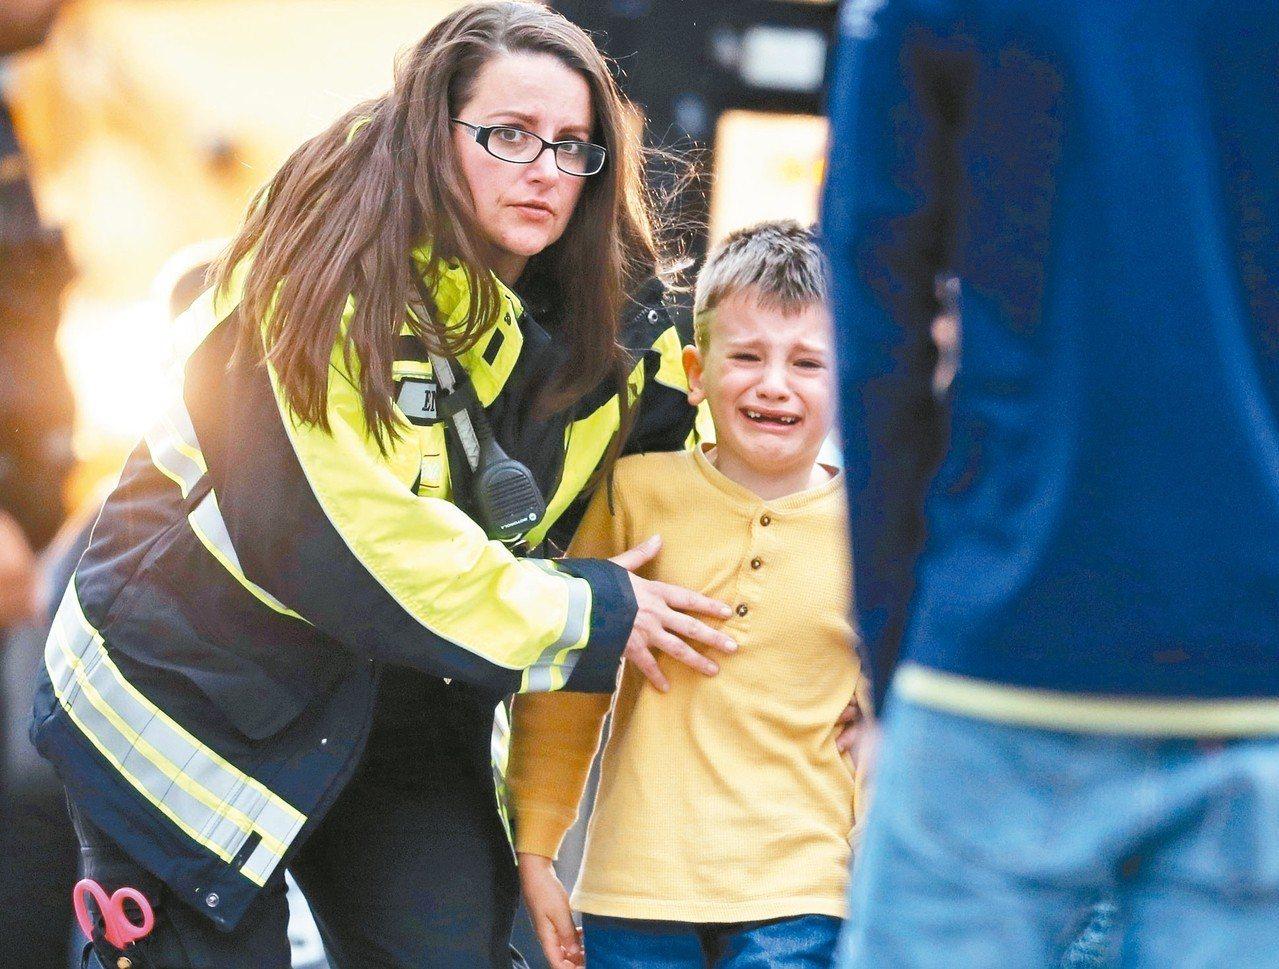 丹佛郊區中學7日爆發槍擊事件後,大批警消人員趕到現場,救護人員安撫受到驚嚇的學生...